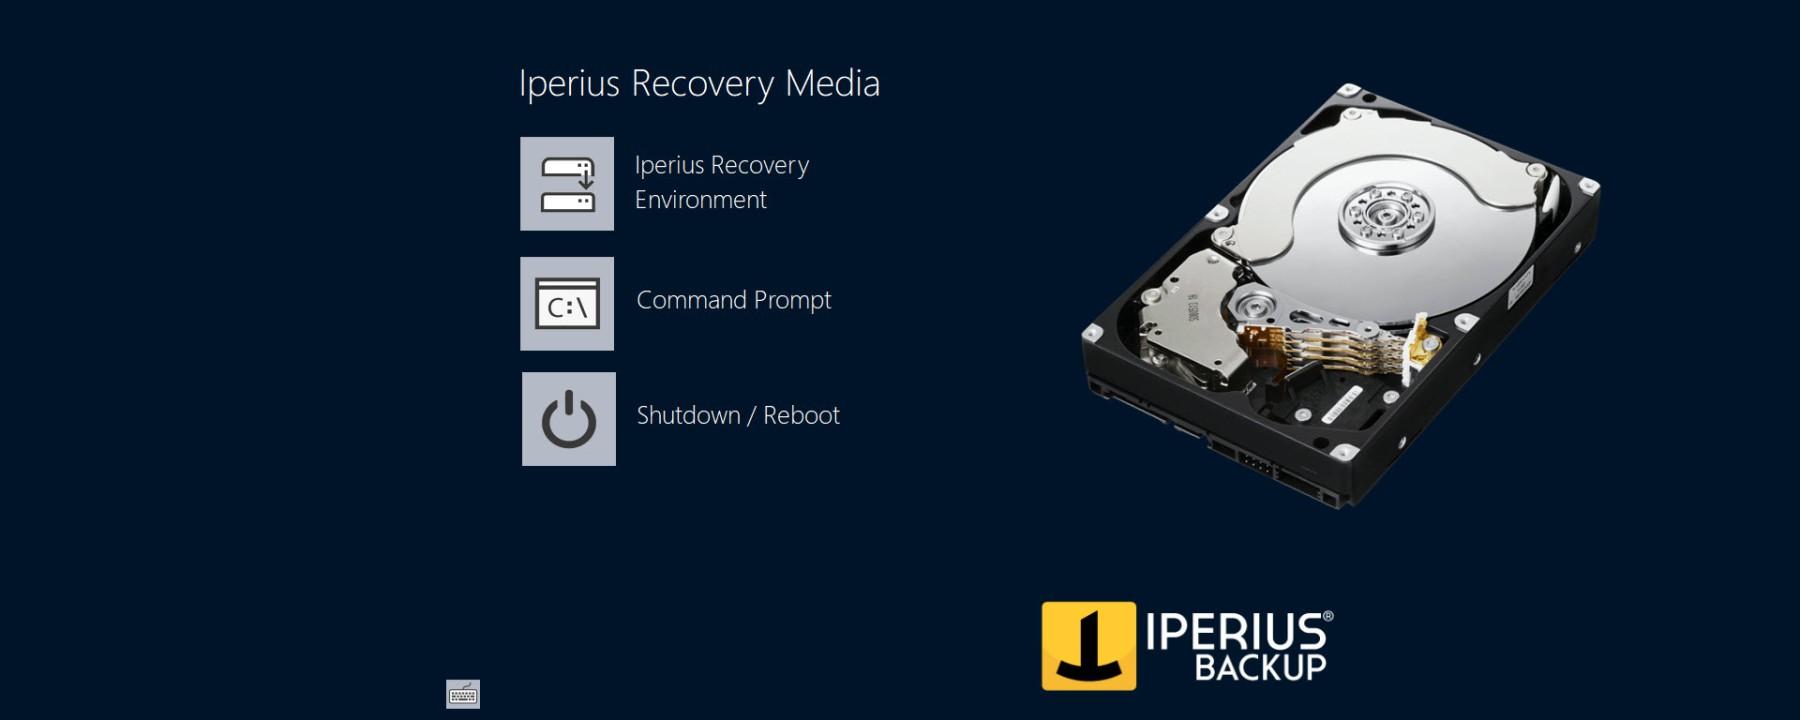 Review de Iperius backup, sistema de backup completo para HyperV y VMWare ESXi